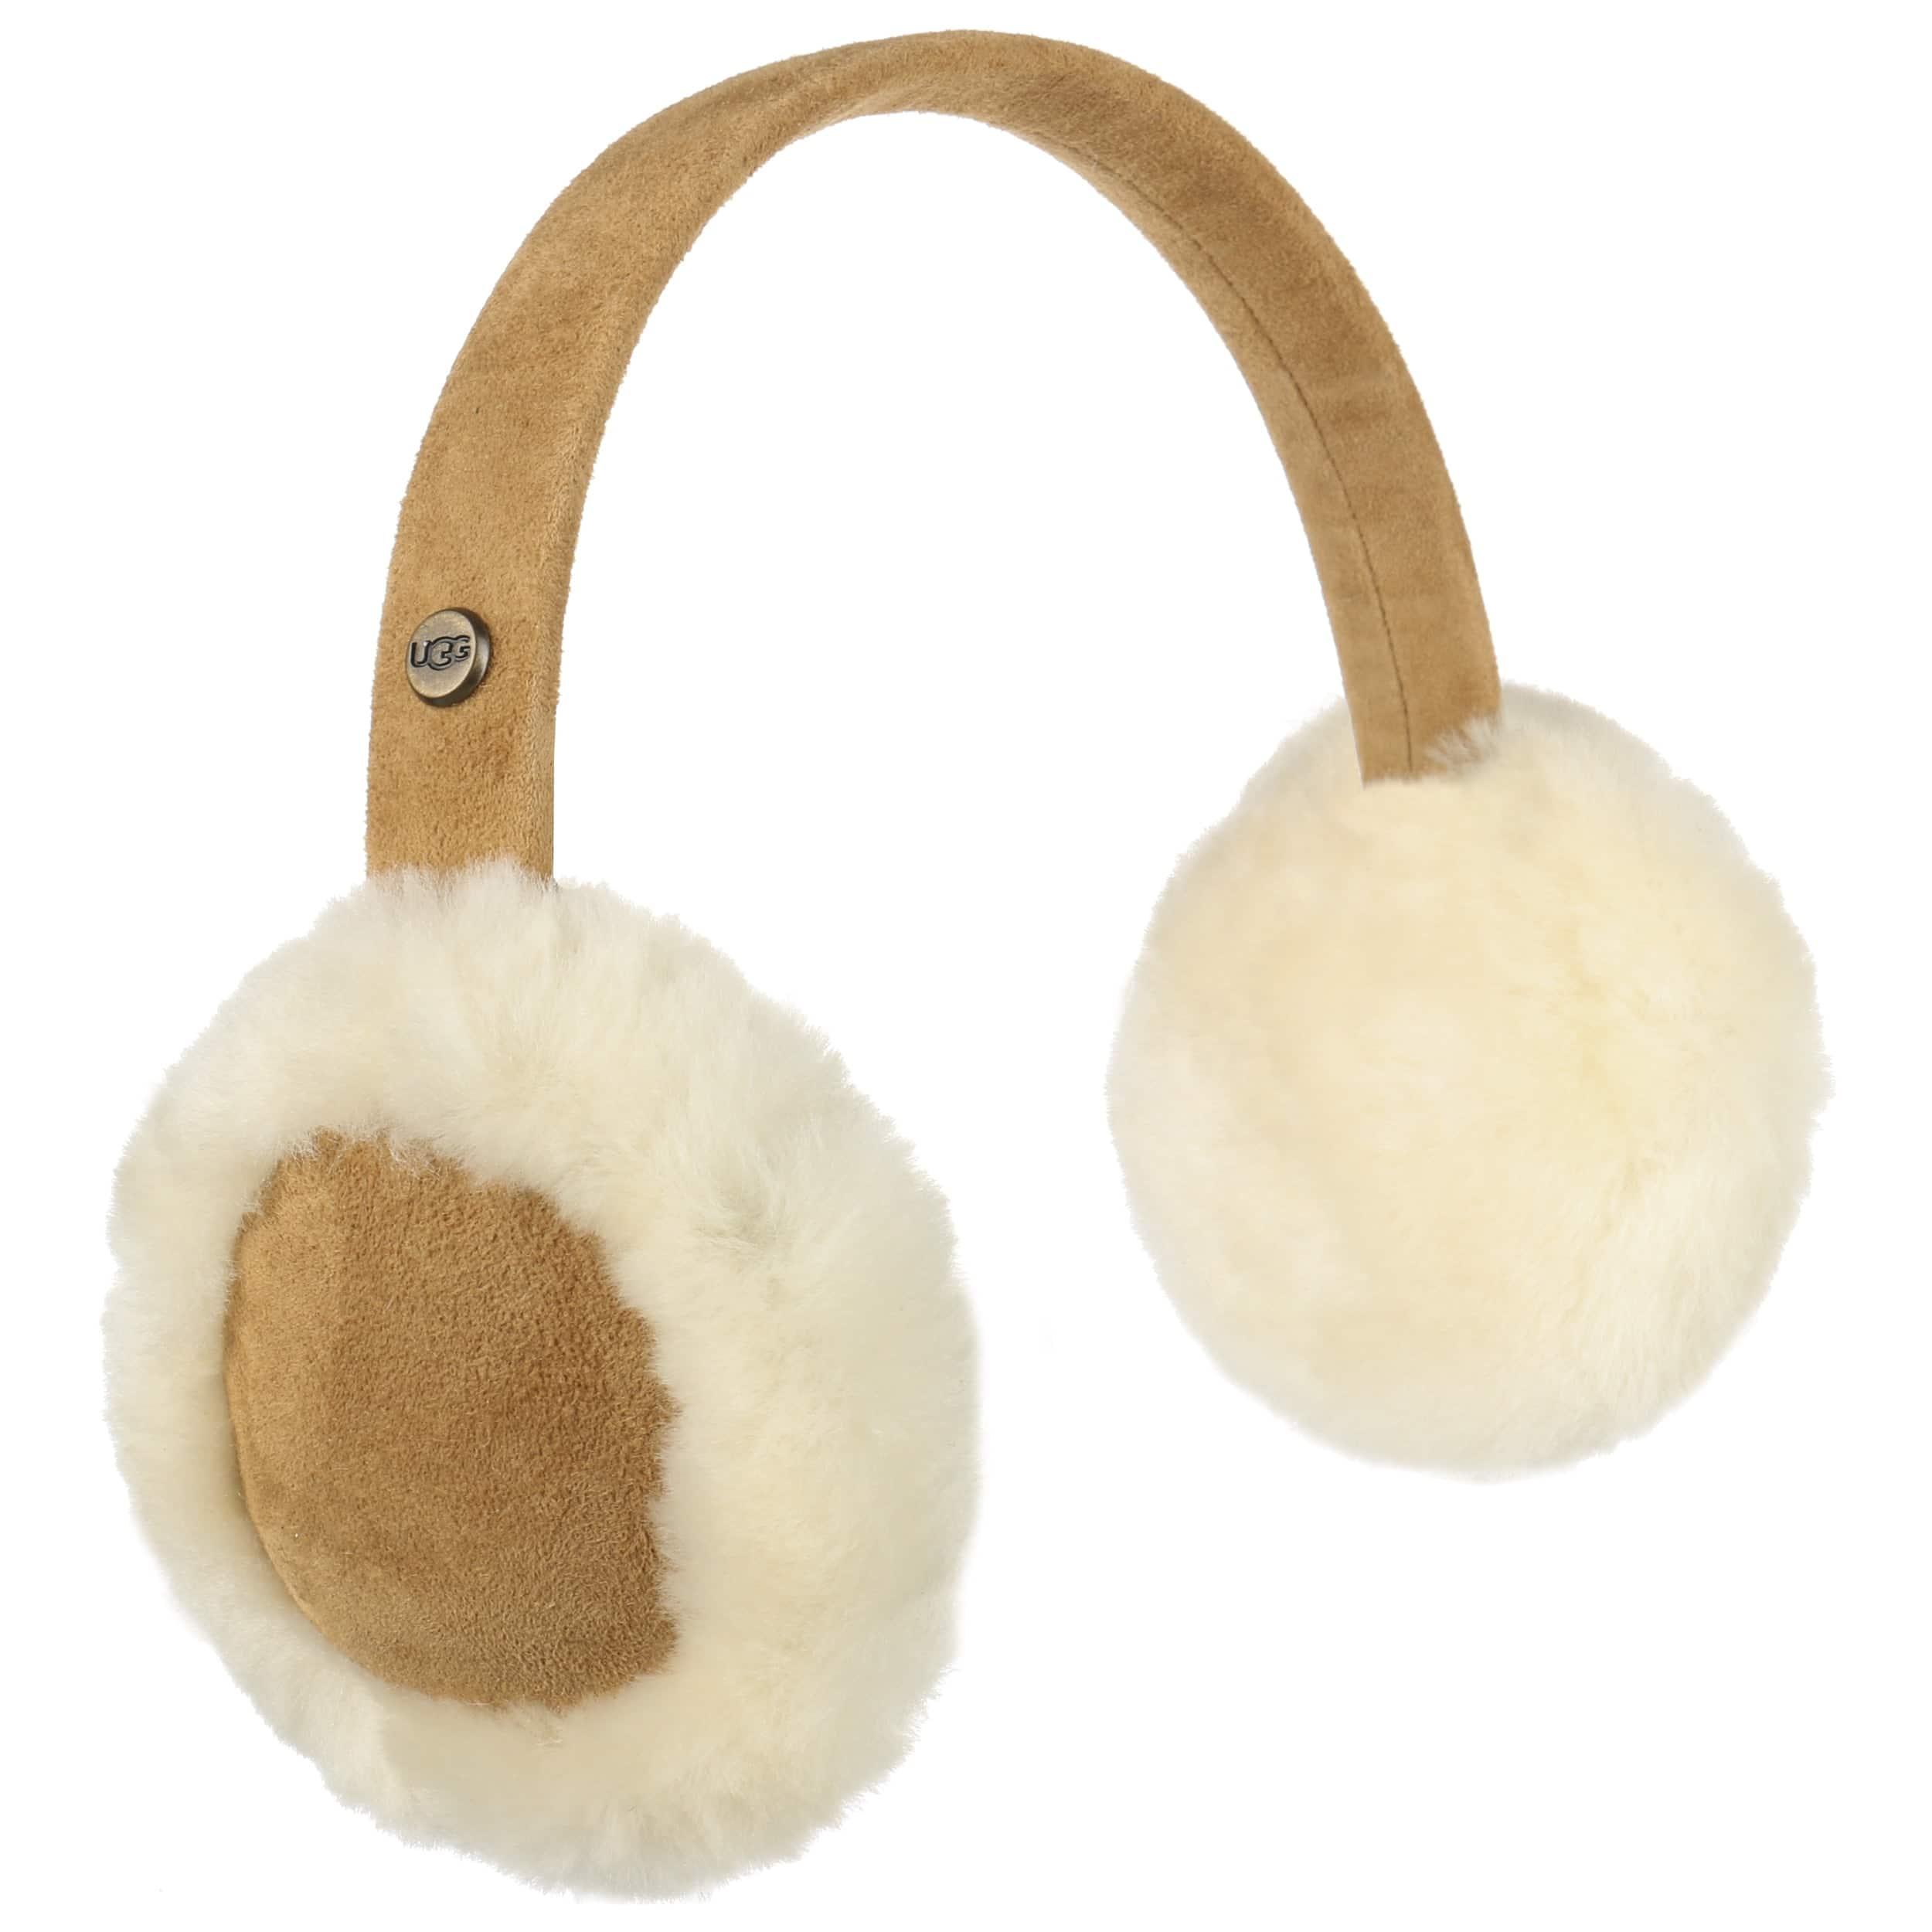 sélectionner pour officiel comment commander nouveau style de Cache-oreilles pour Enfant Sheepskin by UGG